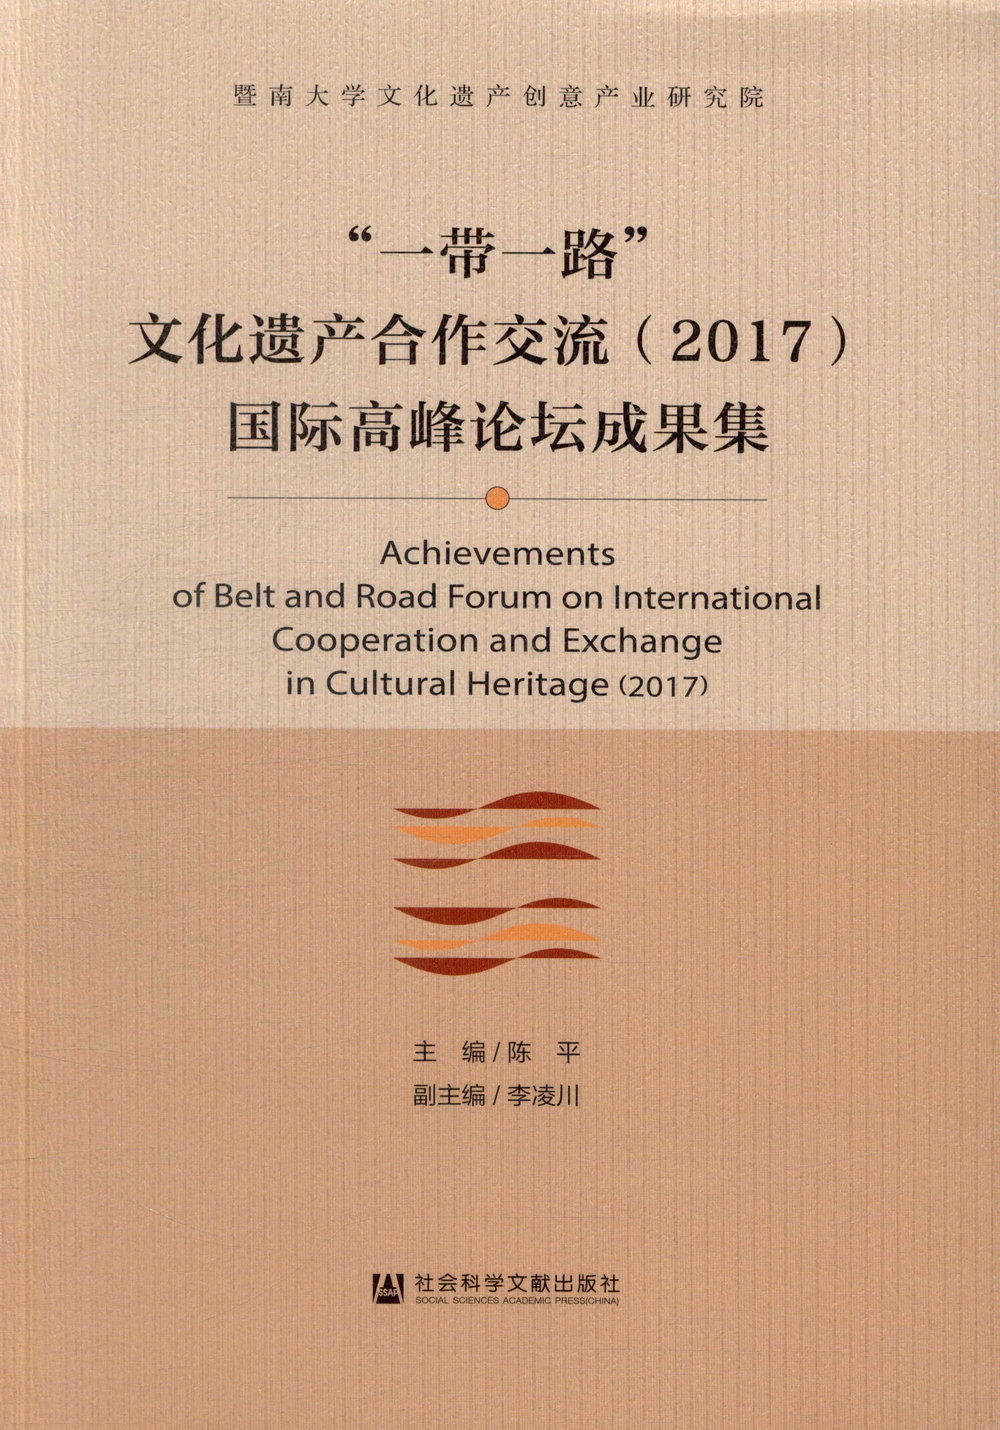 「一帶一路」文化遺產合作交流(2017)國際高峰論壇成果集